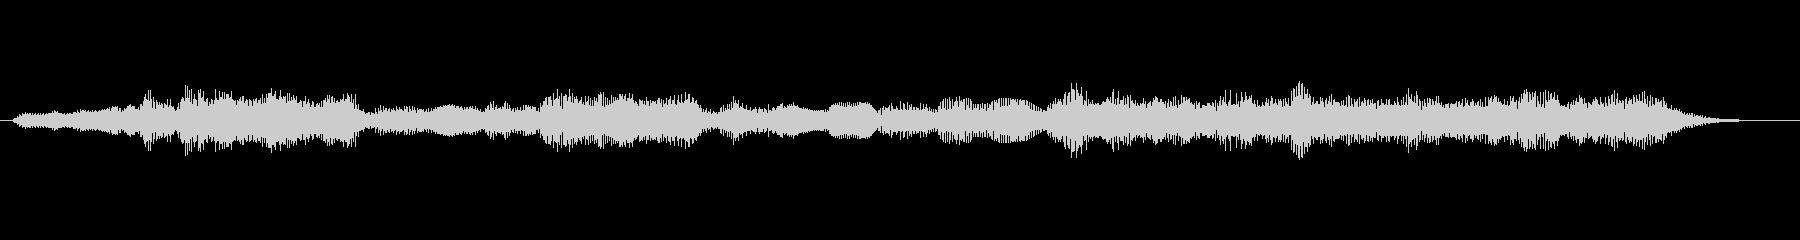 ビルボード:シンフォニックホーンフ...の未再生の波形